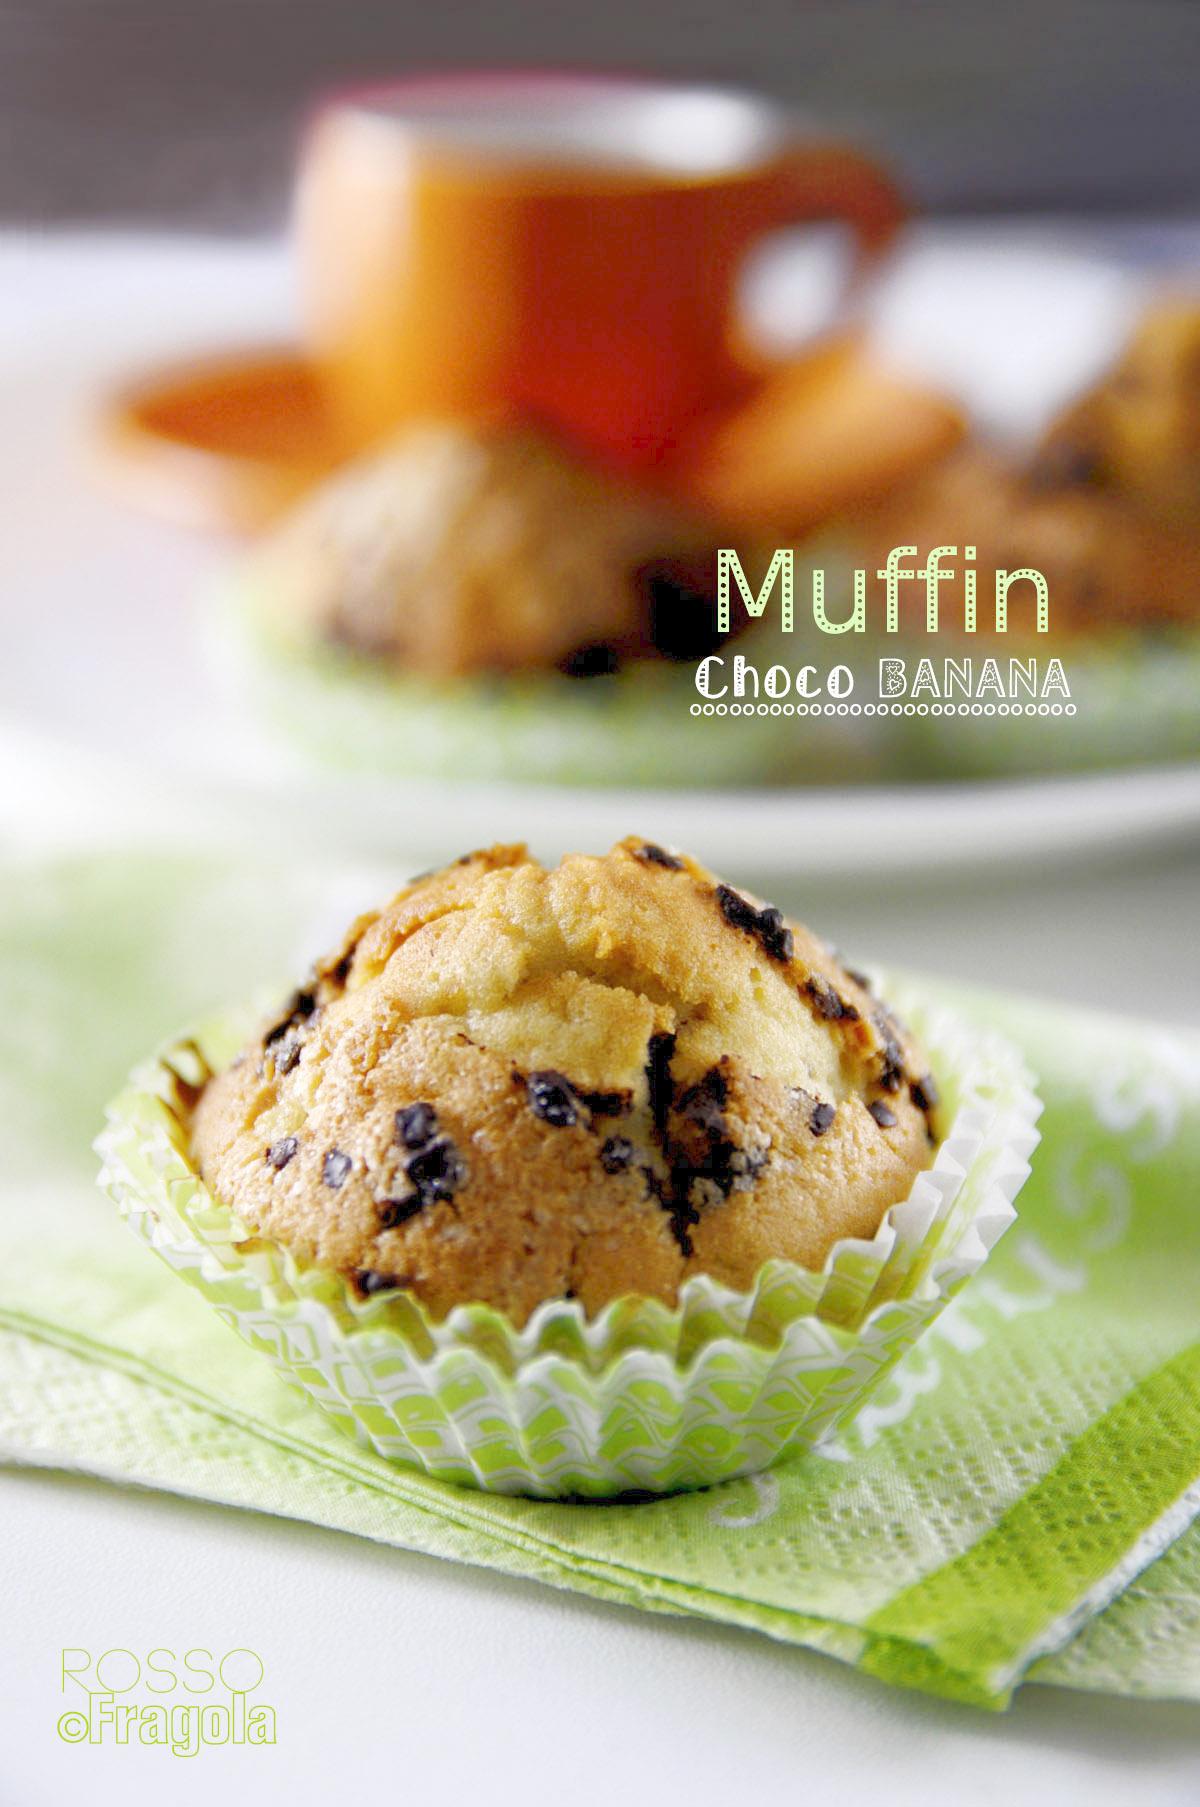 -muffin choco banana